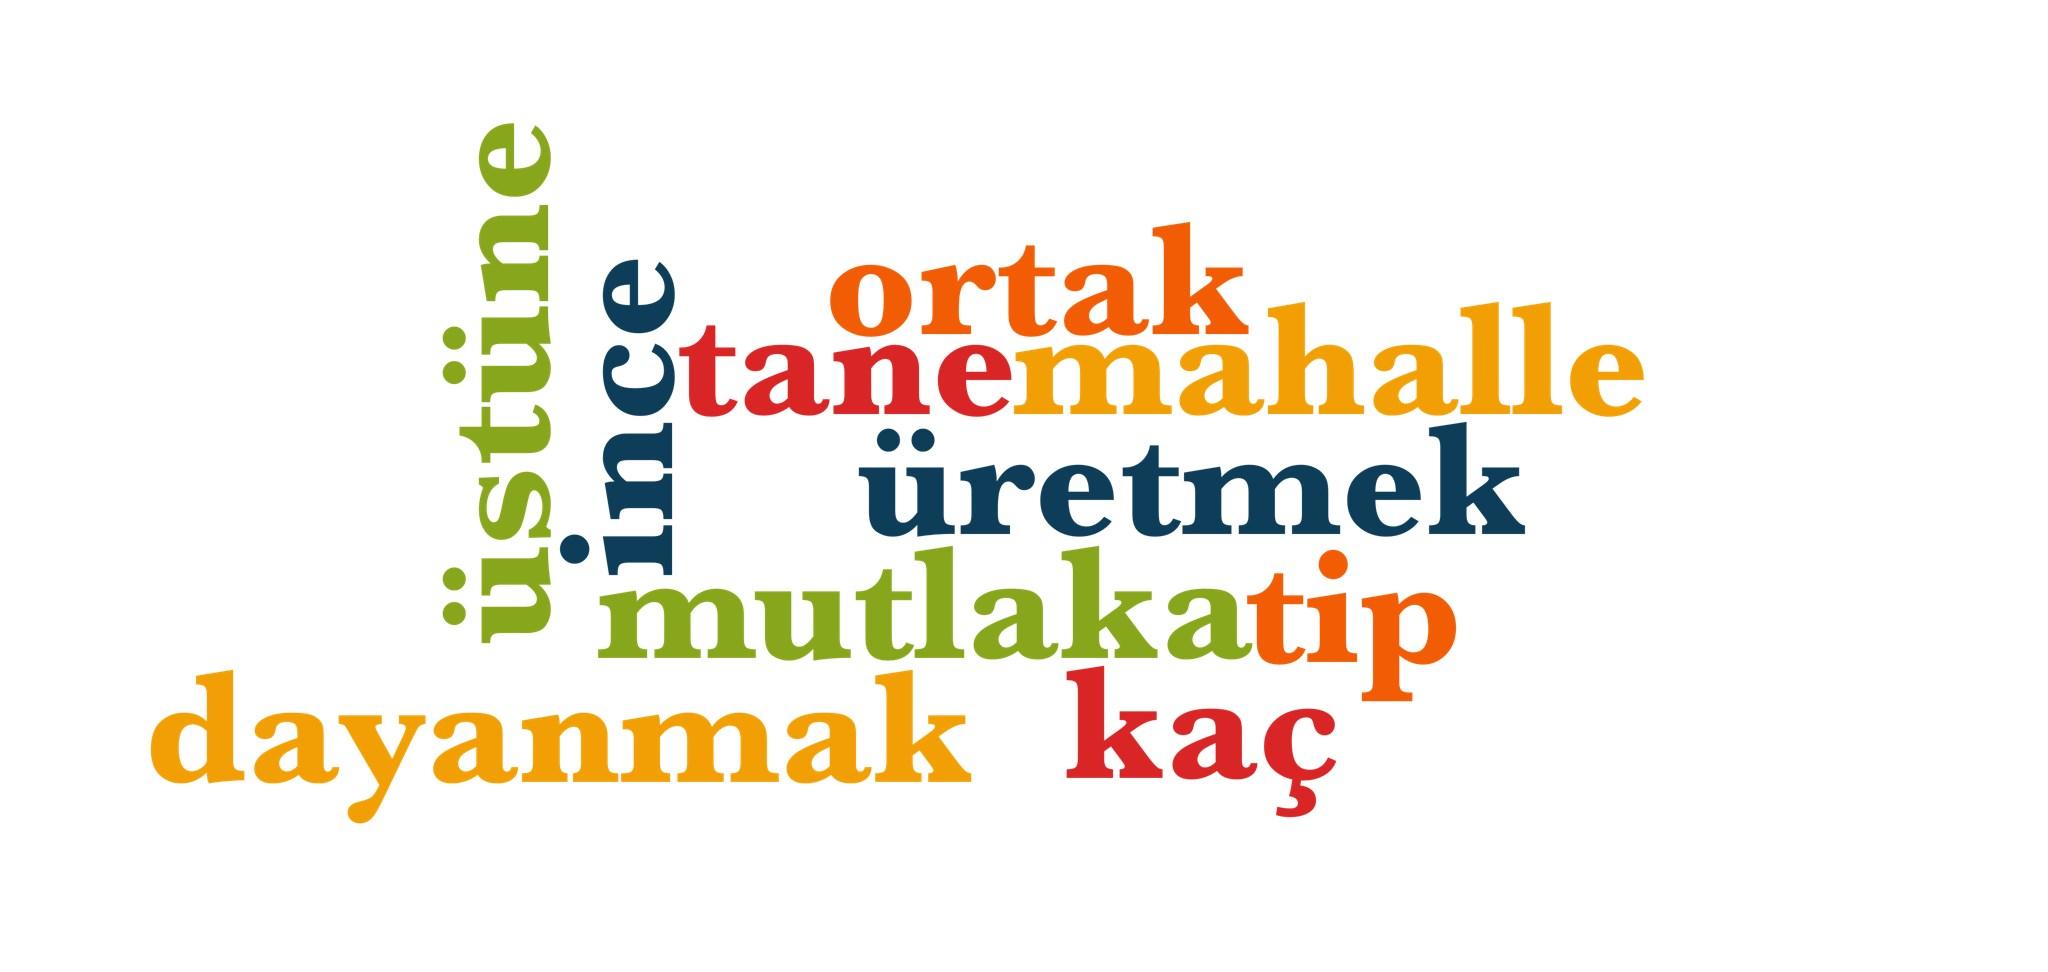 Wörter 581 bis 590 der 1000 häufigsten Wörter der türkischen Sprache